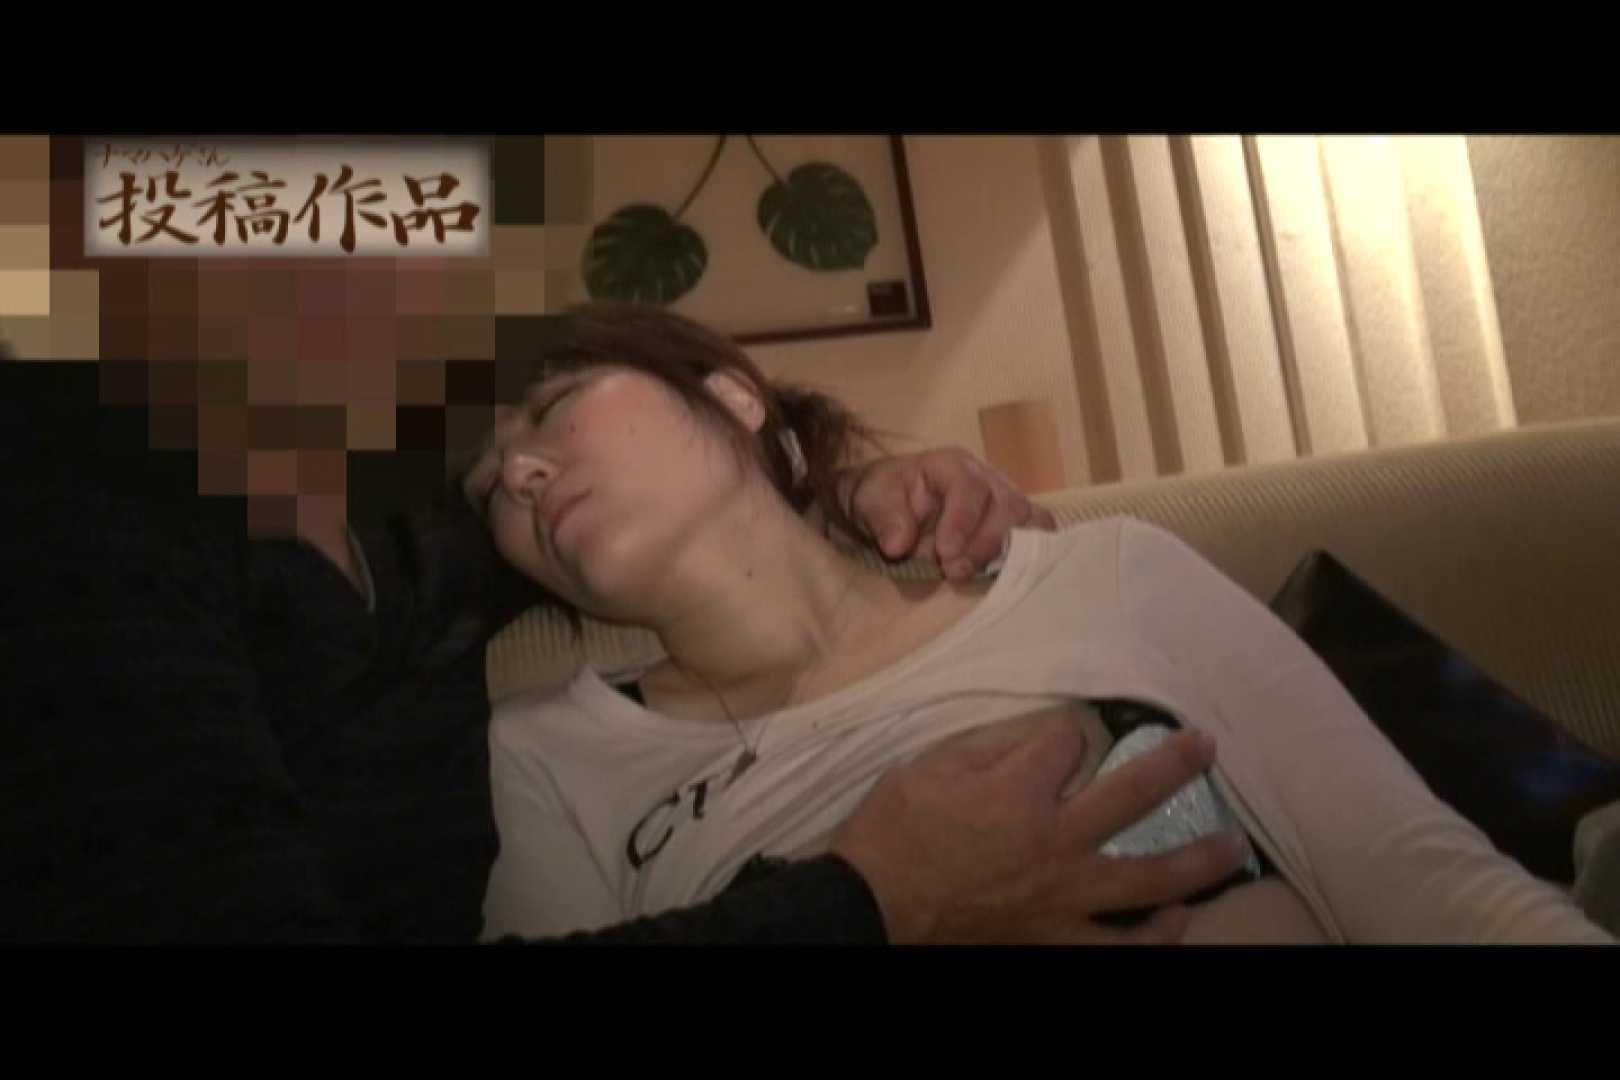 ナマハゲさんのまんこコレクション sakura 盗撮  82pic 18